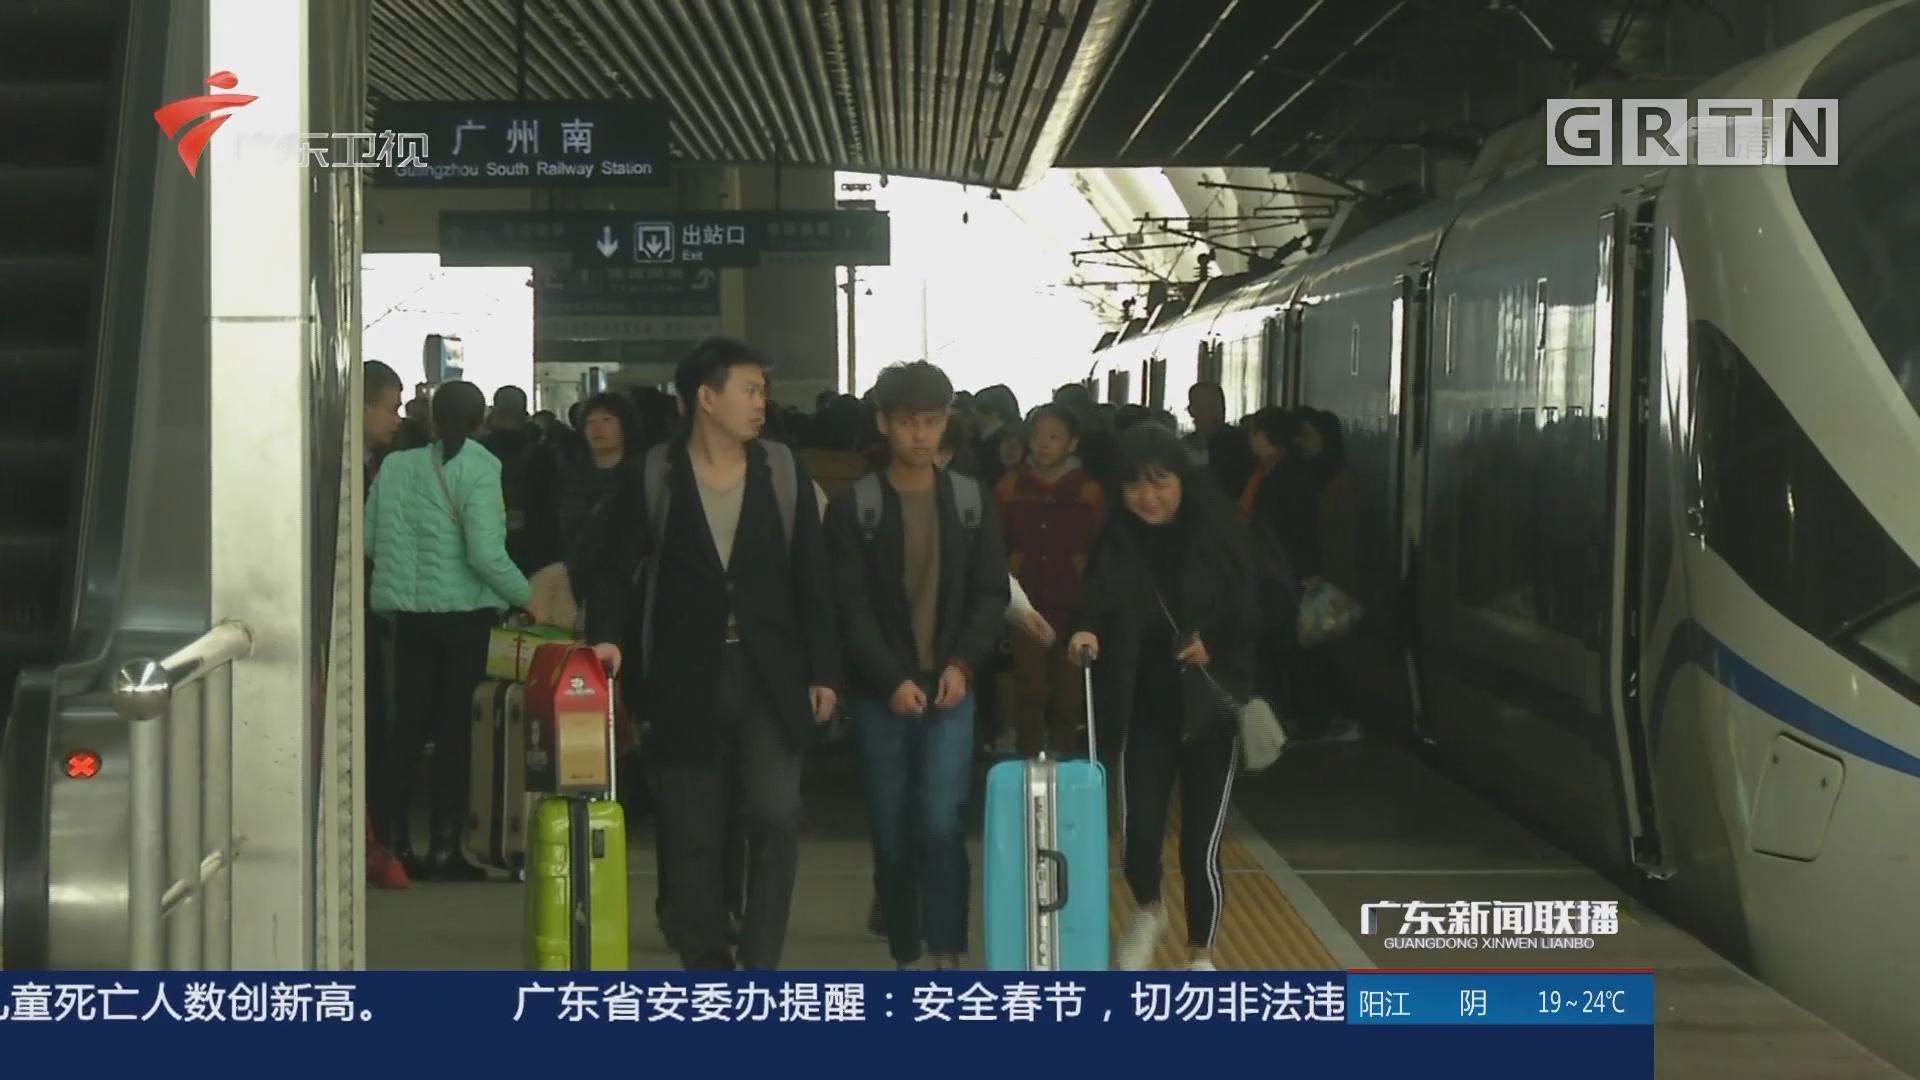 短途探亲旅游 城际铁路客流明显回升